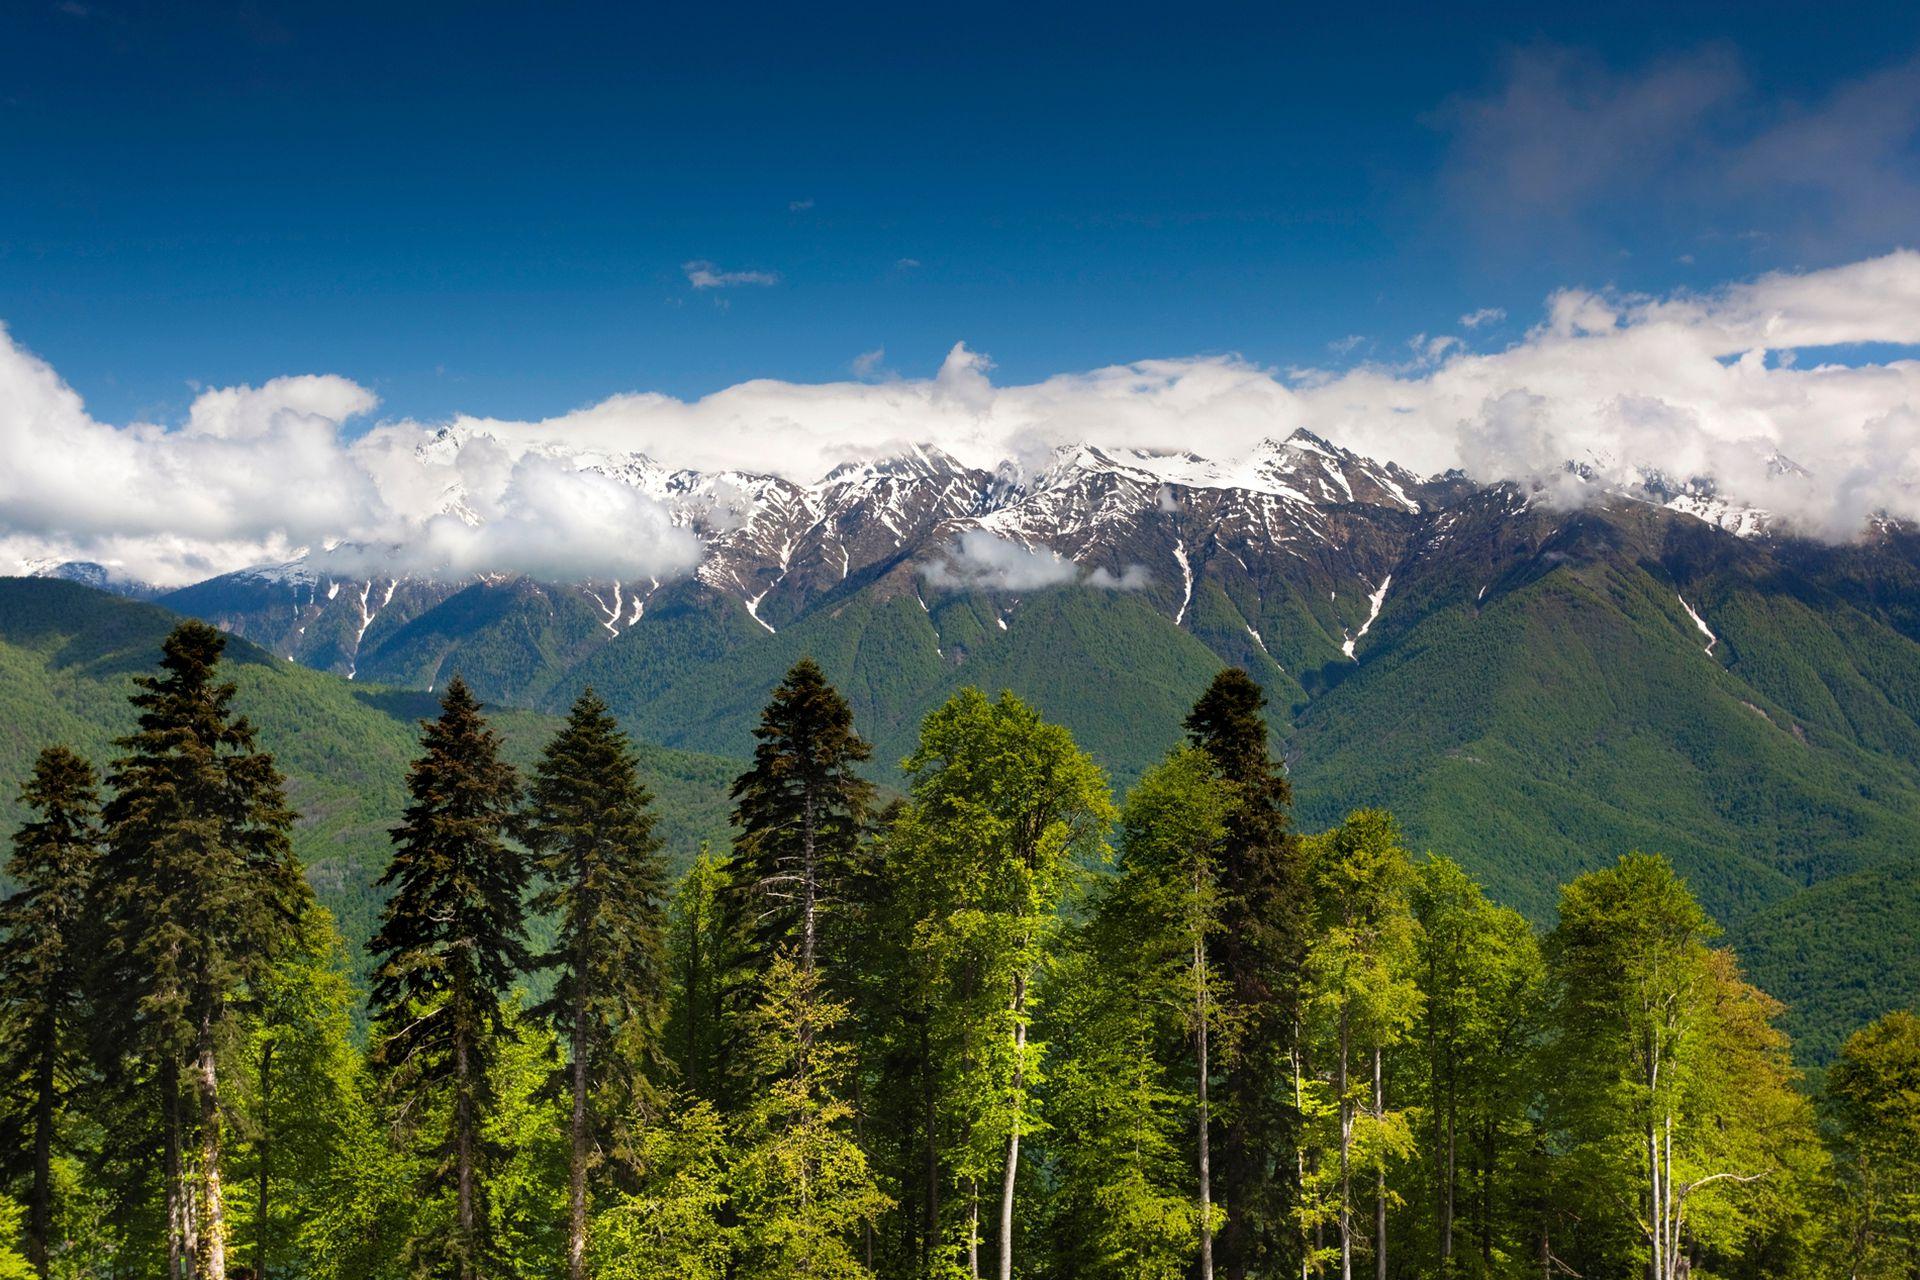 Vista de las imponentes montañas Carousel